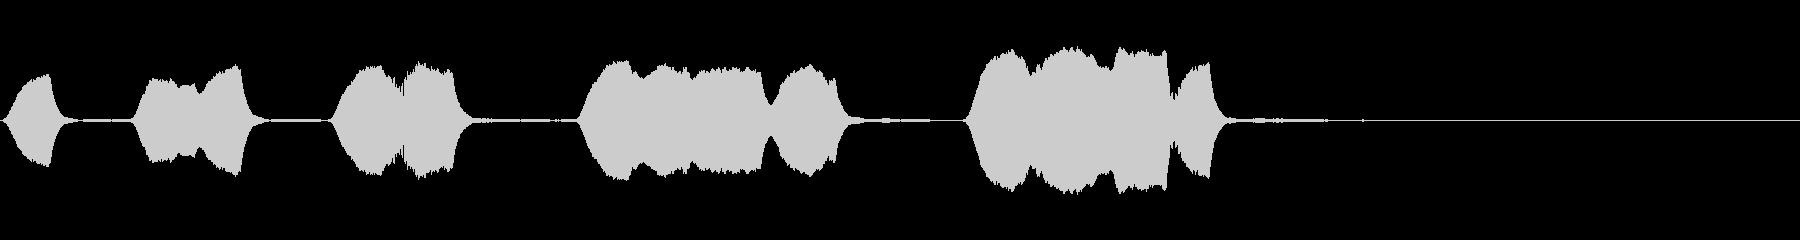 ジングル 口笛 日常 緩いの未再生の波形